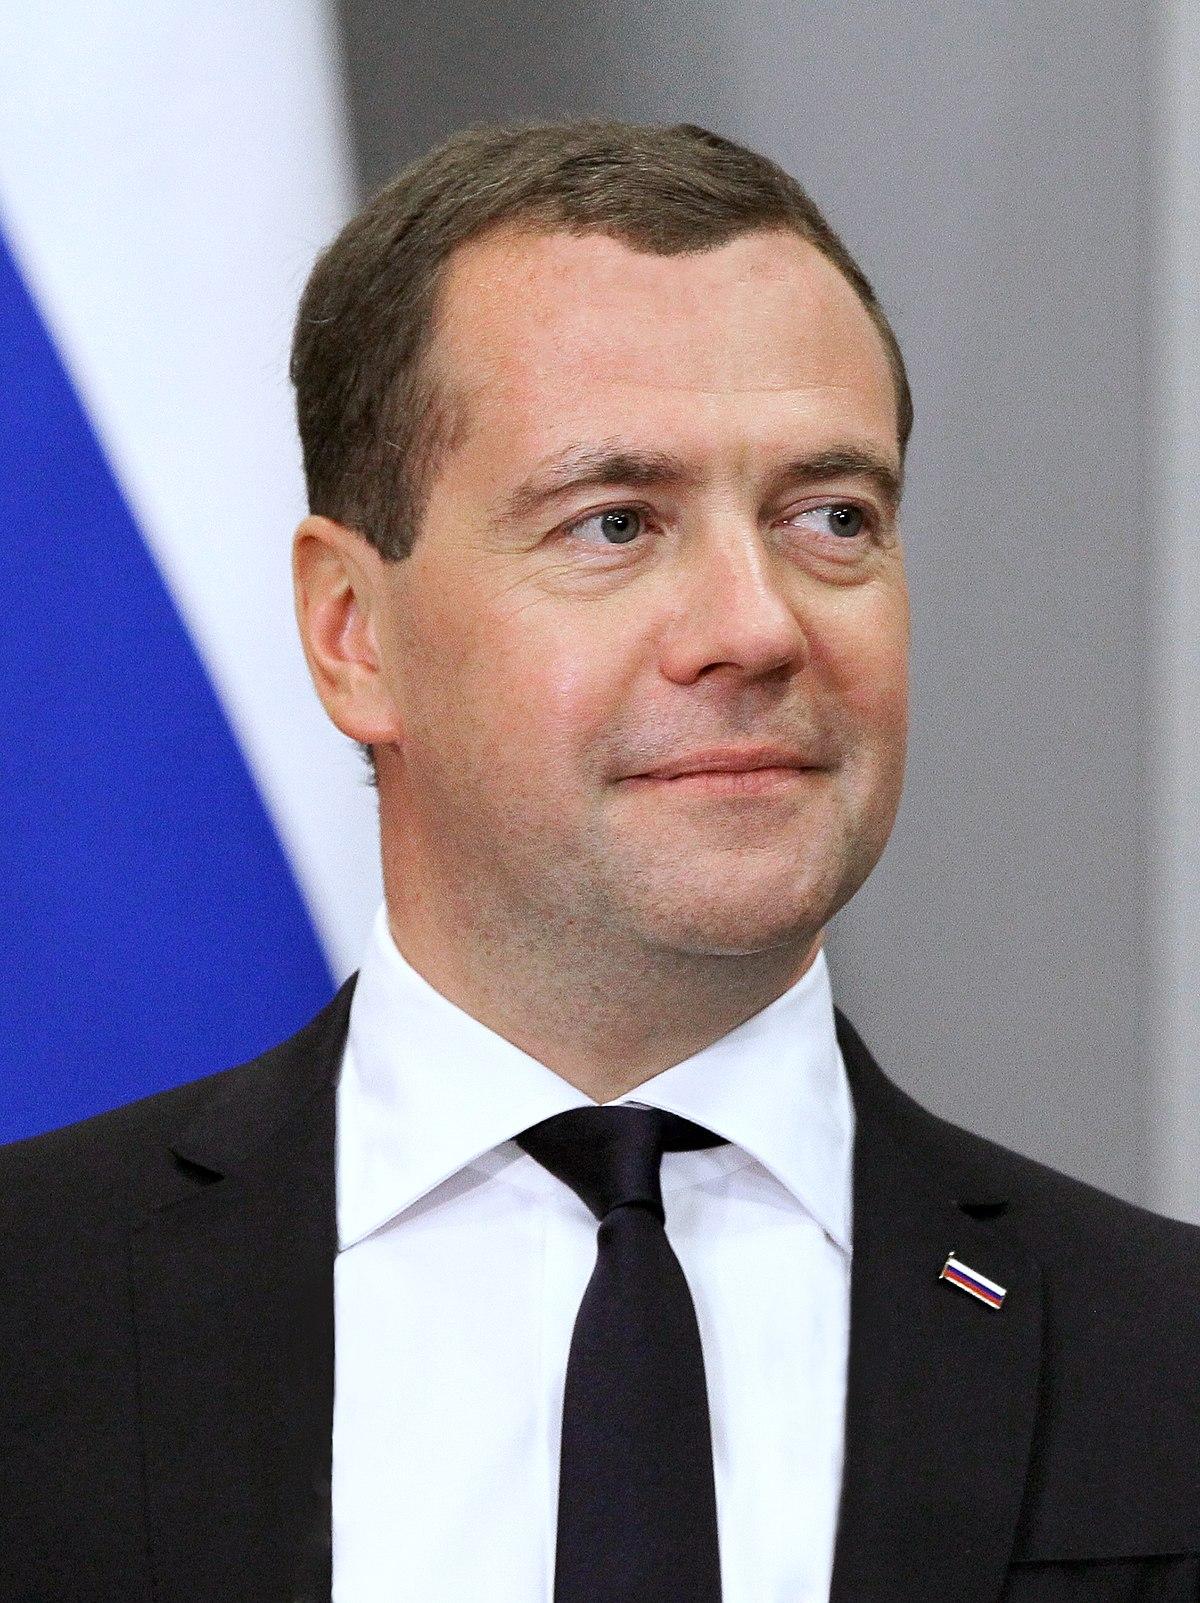 Прогноз на матч Медведев Д. - Де Минаур А.: количество сыгранных геймов превысит 21,5